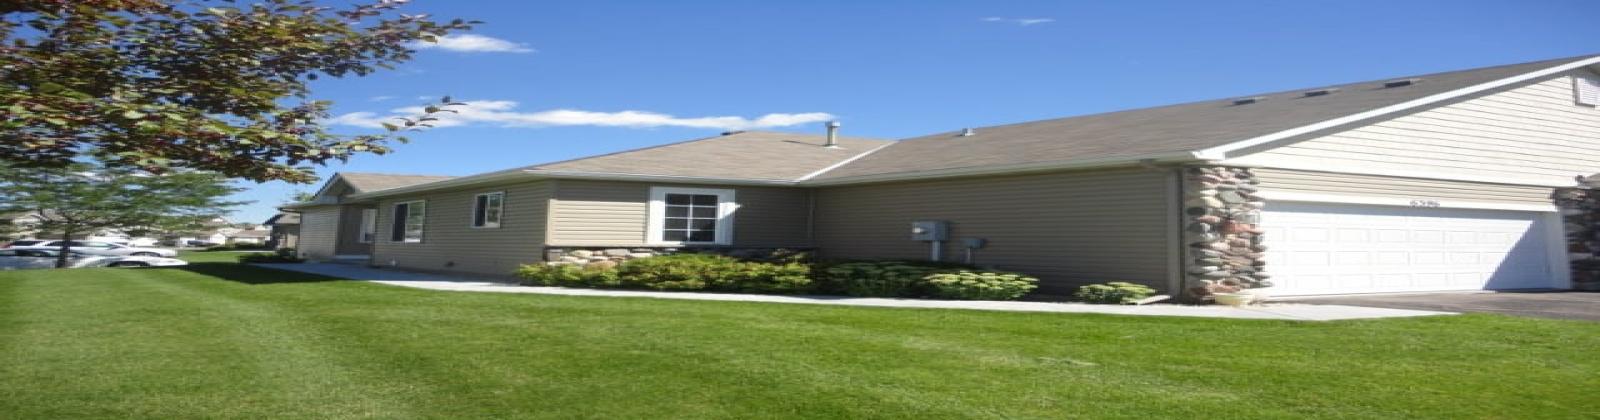 6396 64th Lane NE NE, Albertville, Minnesota 55301, ,Townhouse,Rented,64th Lane NE,1004